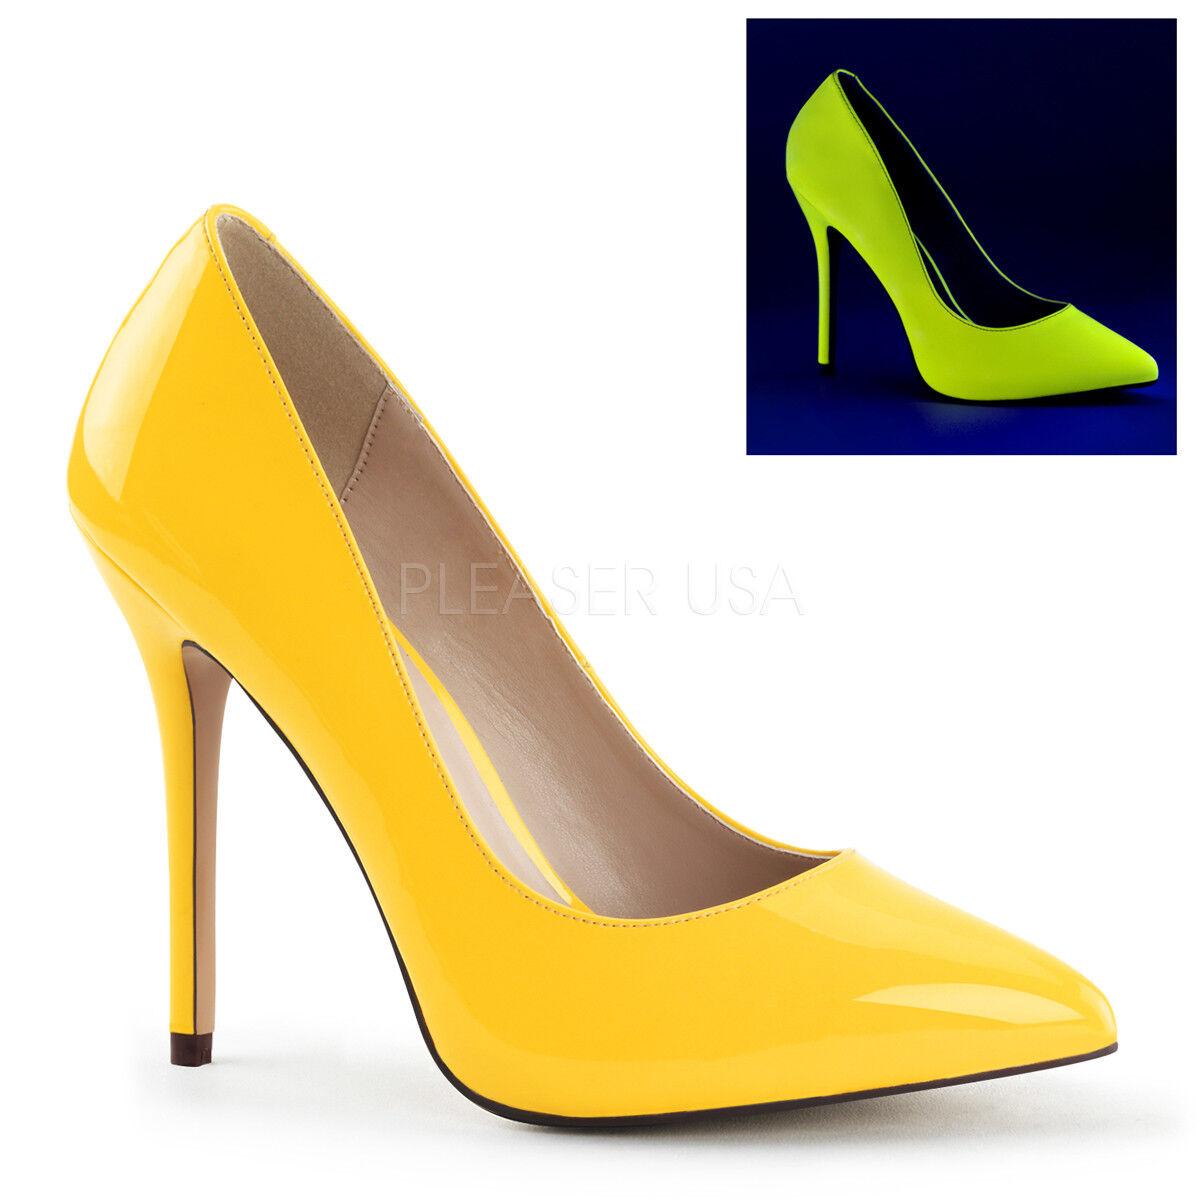 Pleaser AMUSE-20 Neon Gelb Patent 5  Heel Stilettos Stilettos Stilettos Basic High Heels Pumps 20bc76